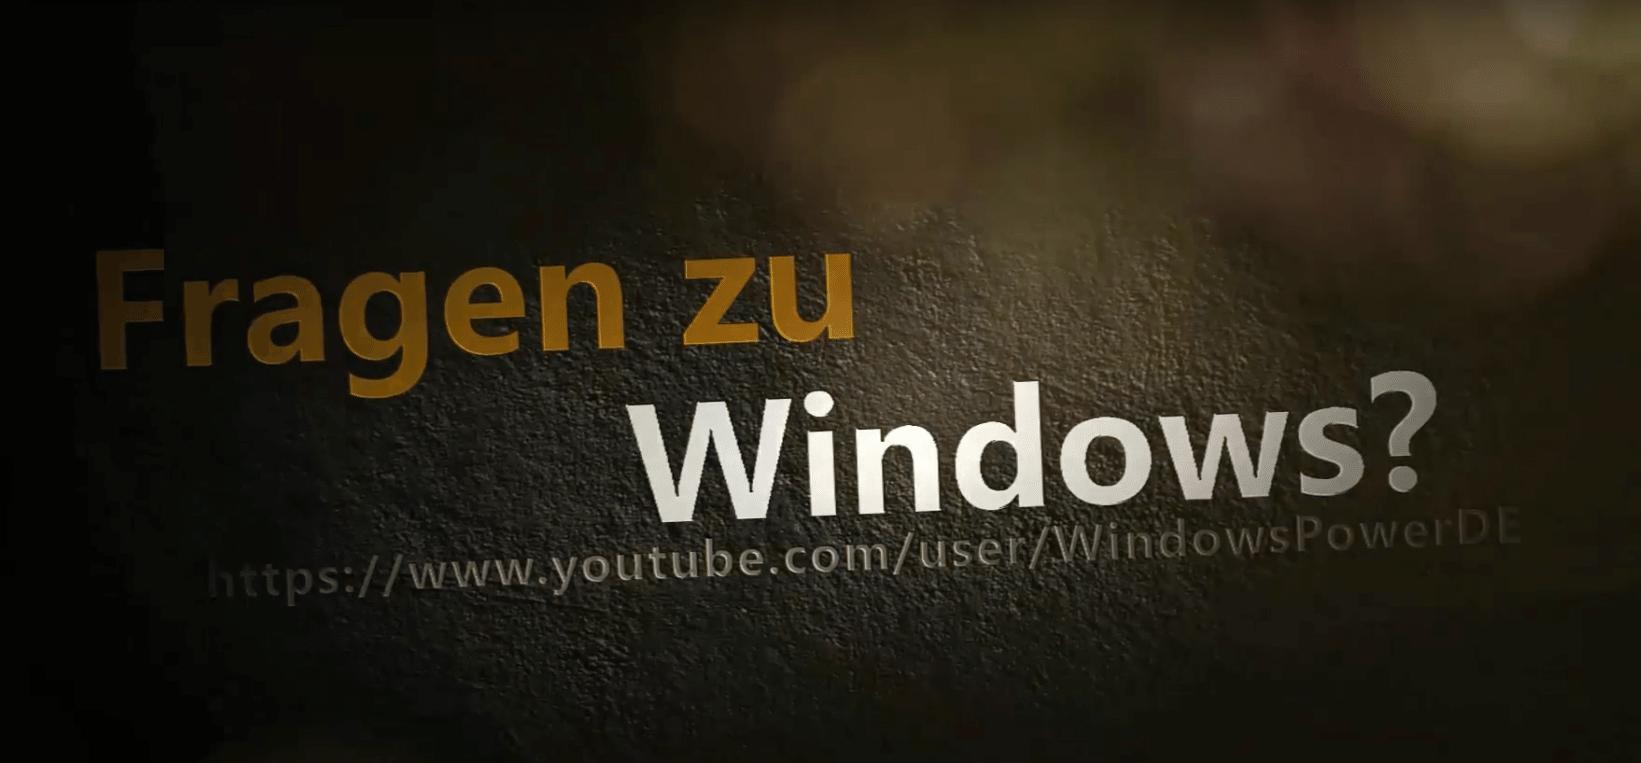 WindowspowerDE